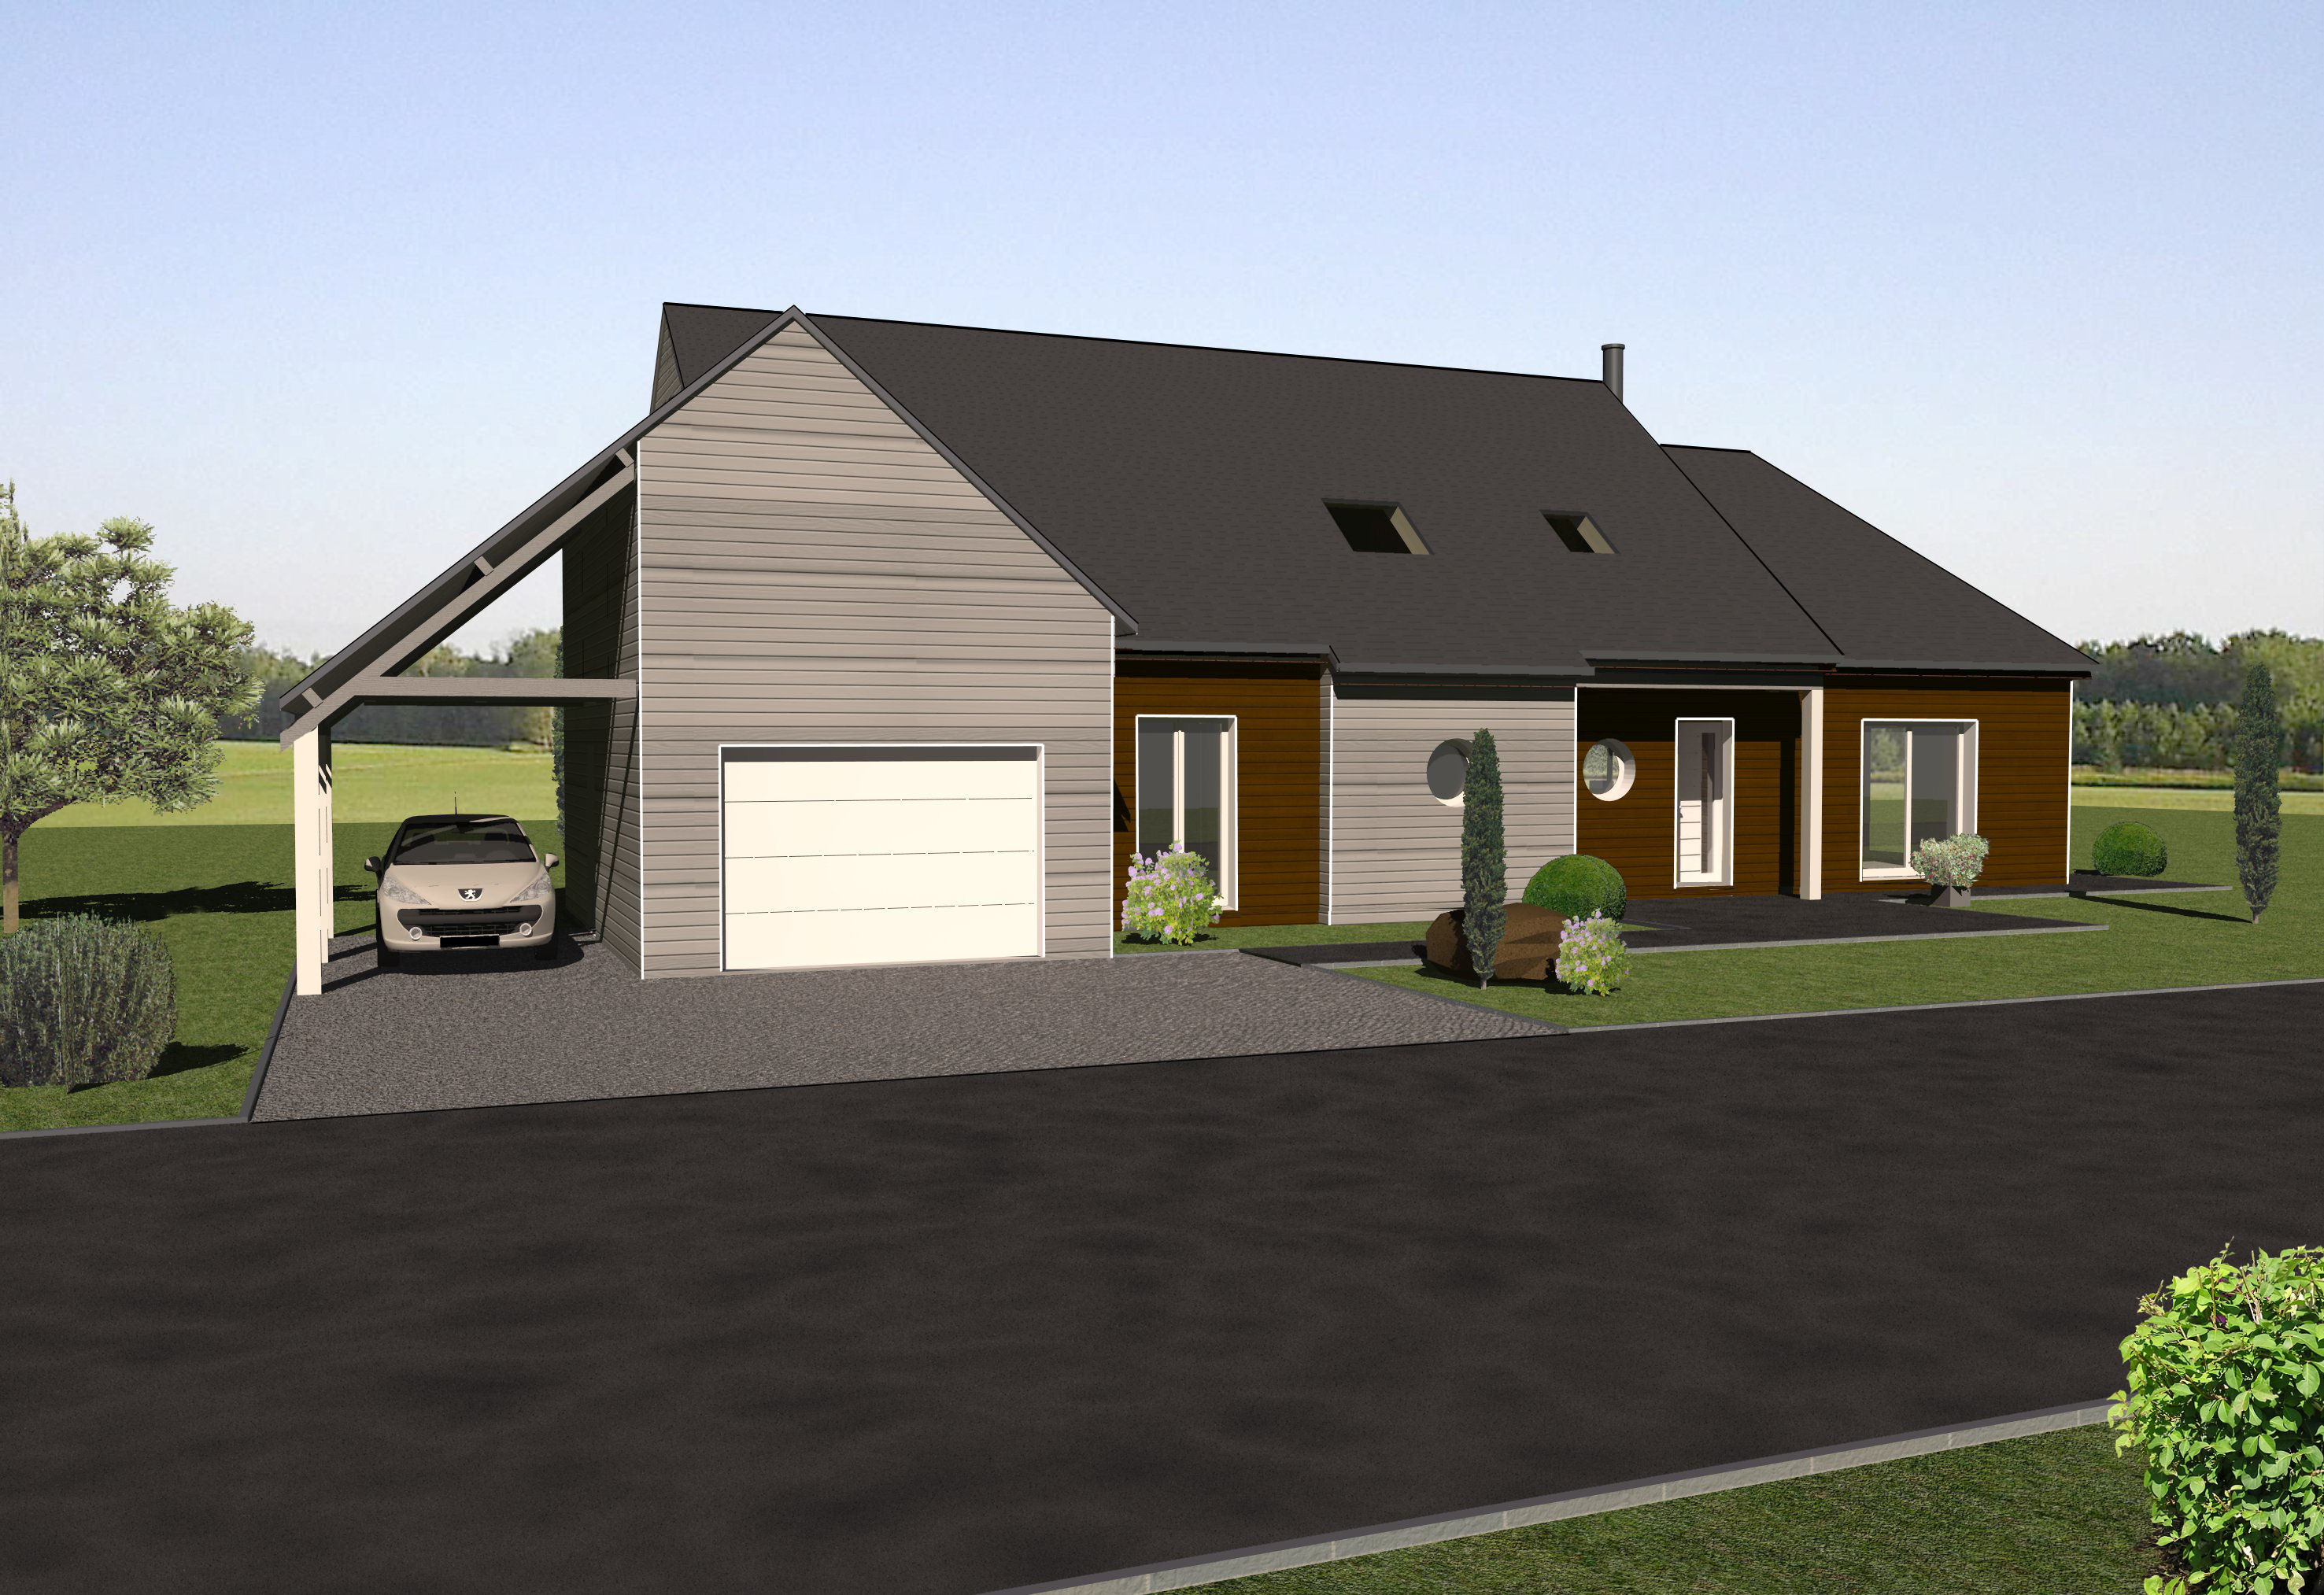 Les maisons ossature bois tages mod le hetre bois et vie for Modele maison bois